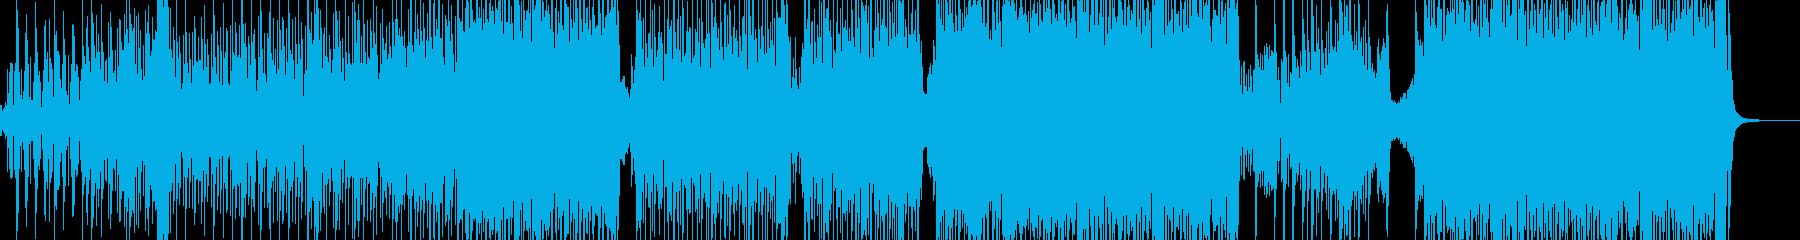 弱肉強食・原始時代イメージのテクノ B2の再生済みの波形